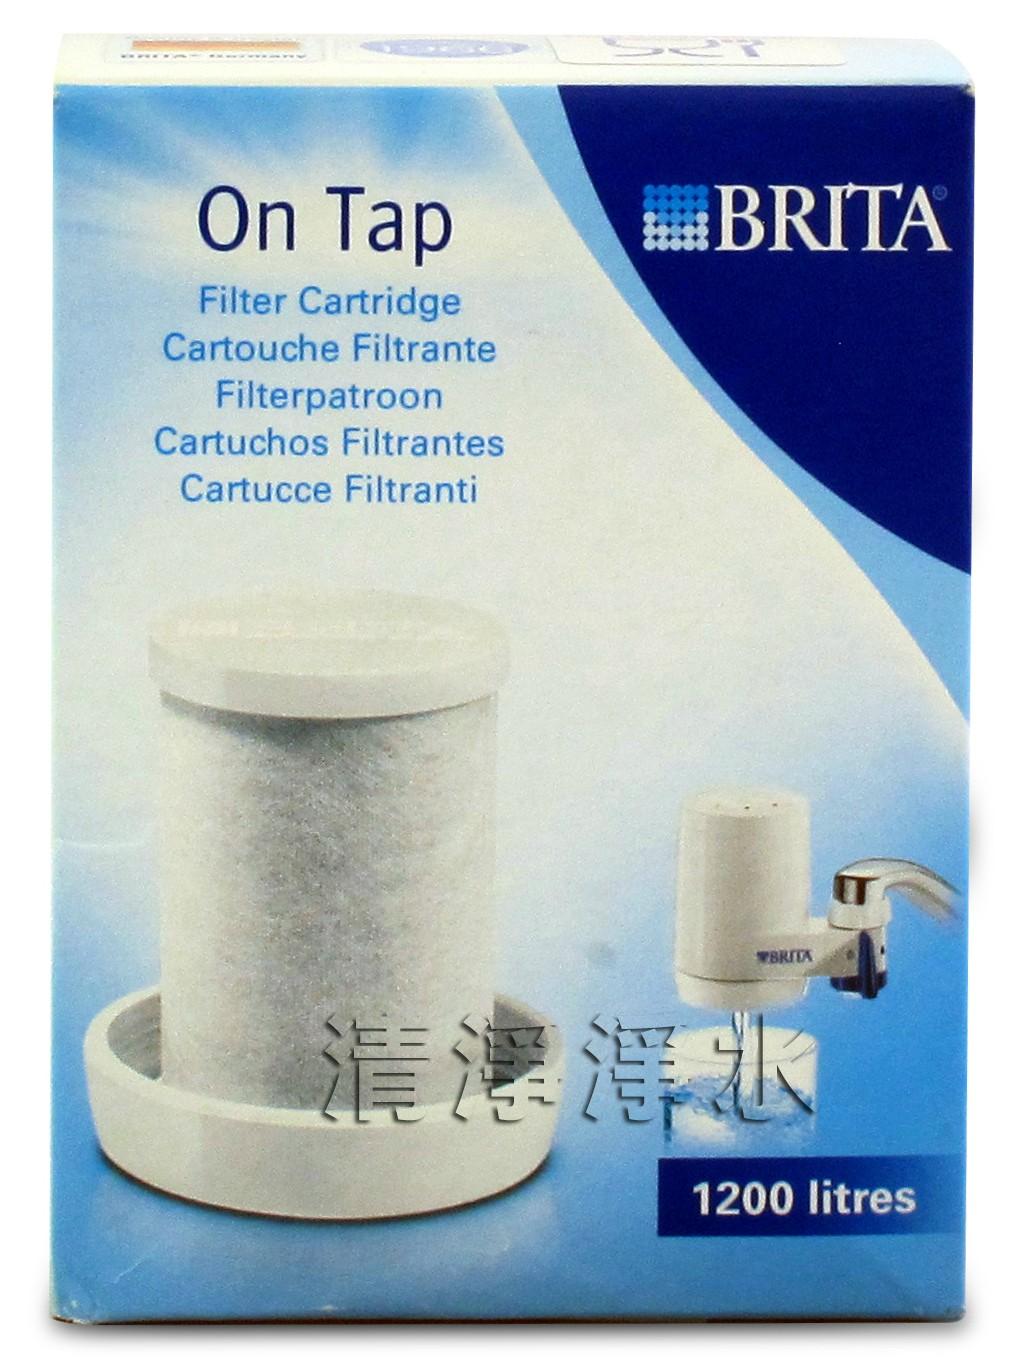 德國BRITA On Tap龍頭式專用濾芯(1入裝) ,品質保證特價660元